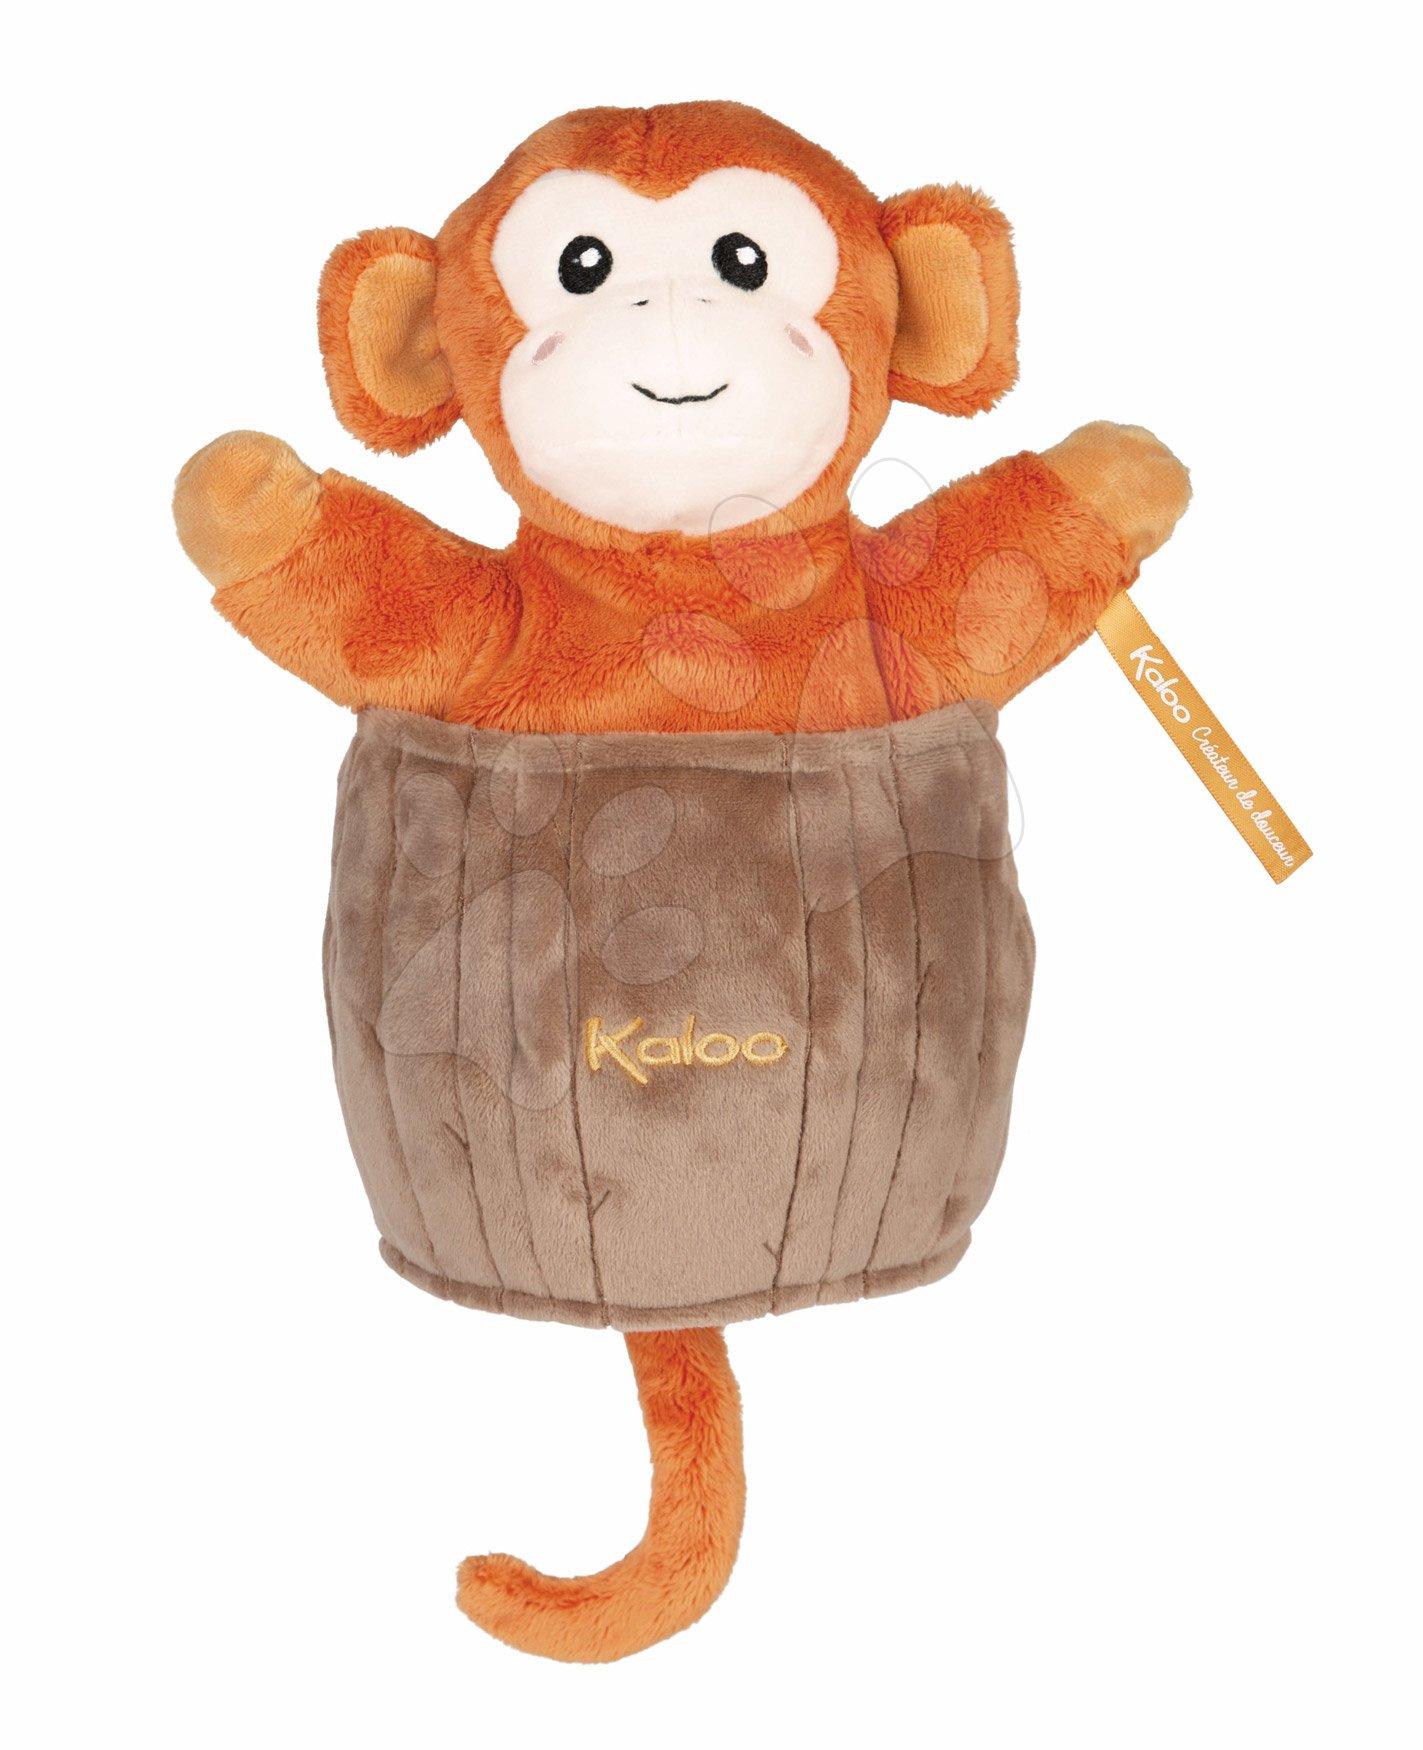 Plyšová opička bábkové divadlo Jack Monkey Kachoo Kaloo prekvapenie v kokosovom orechu 25 cm pre najmenších od 0 mes